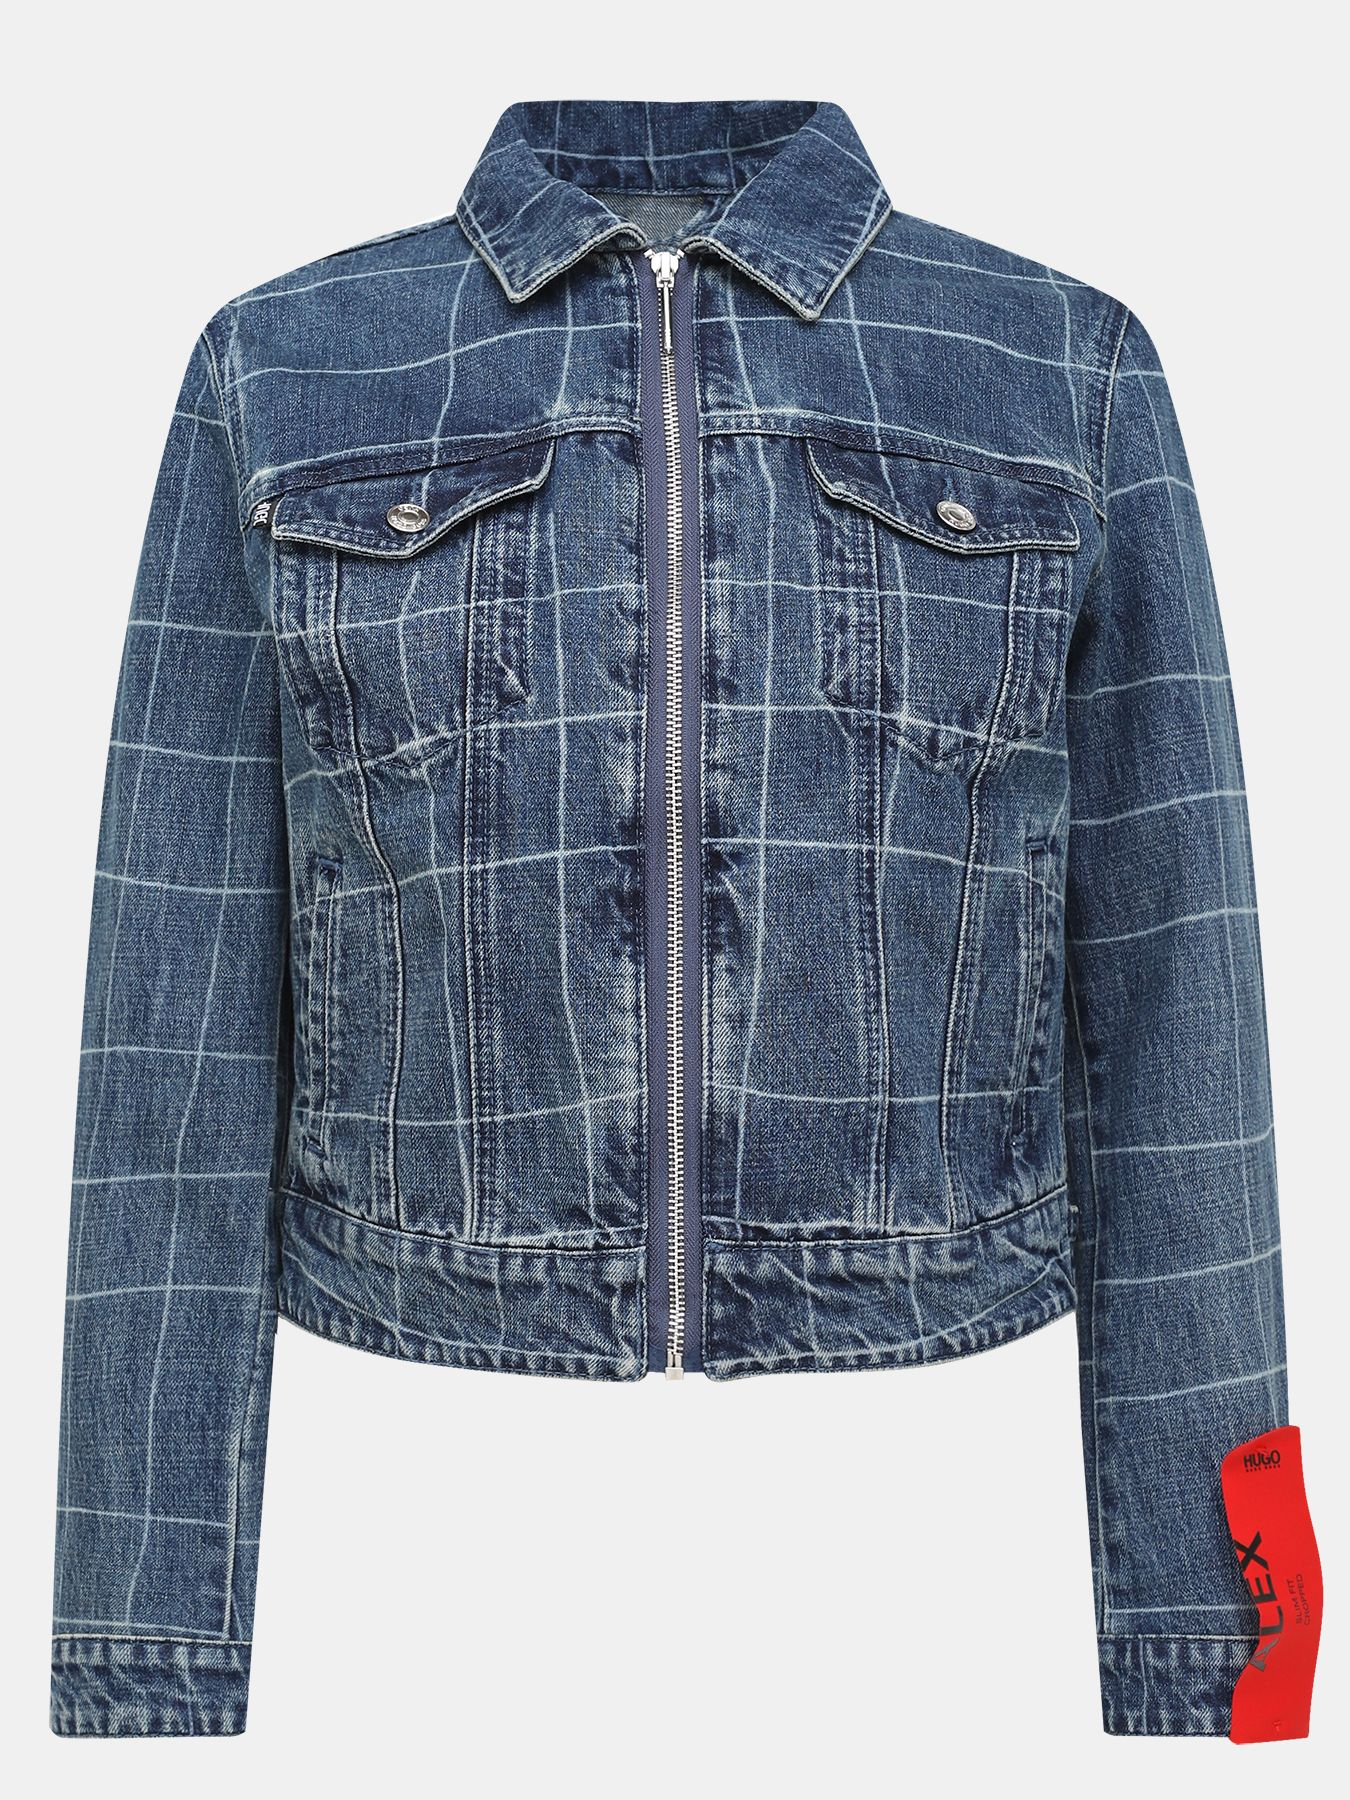 Джинсовые куртки HUGO Джинсовая куртка Alex фото